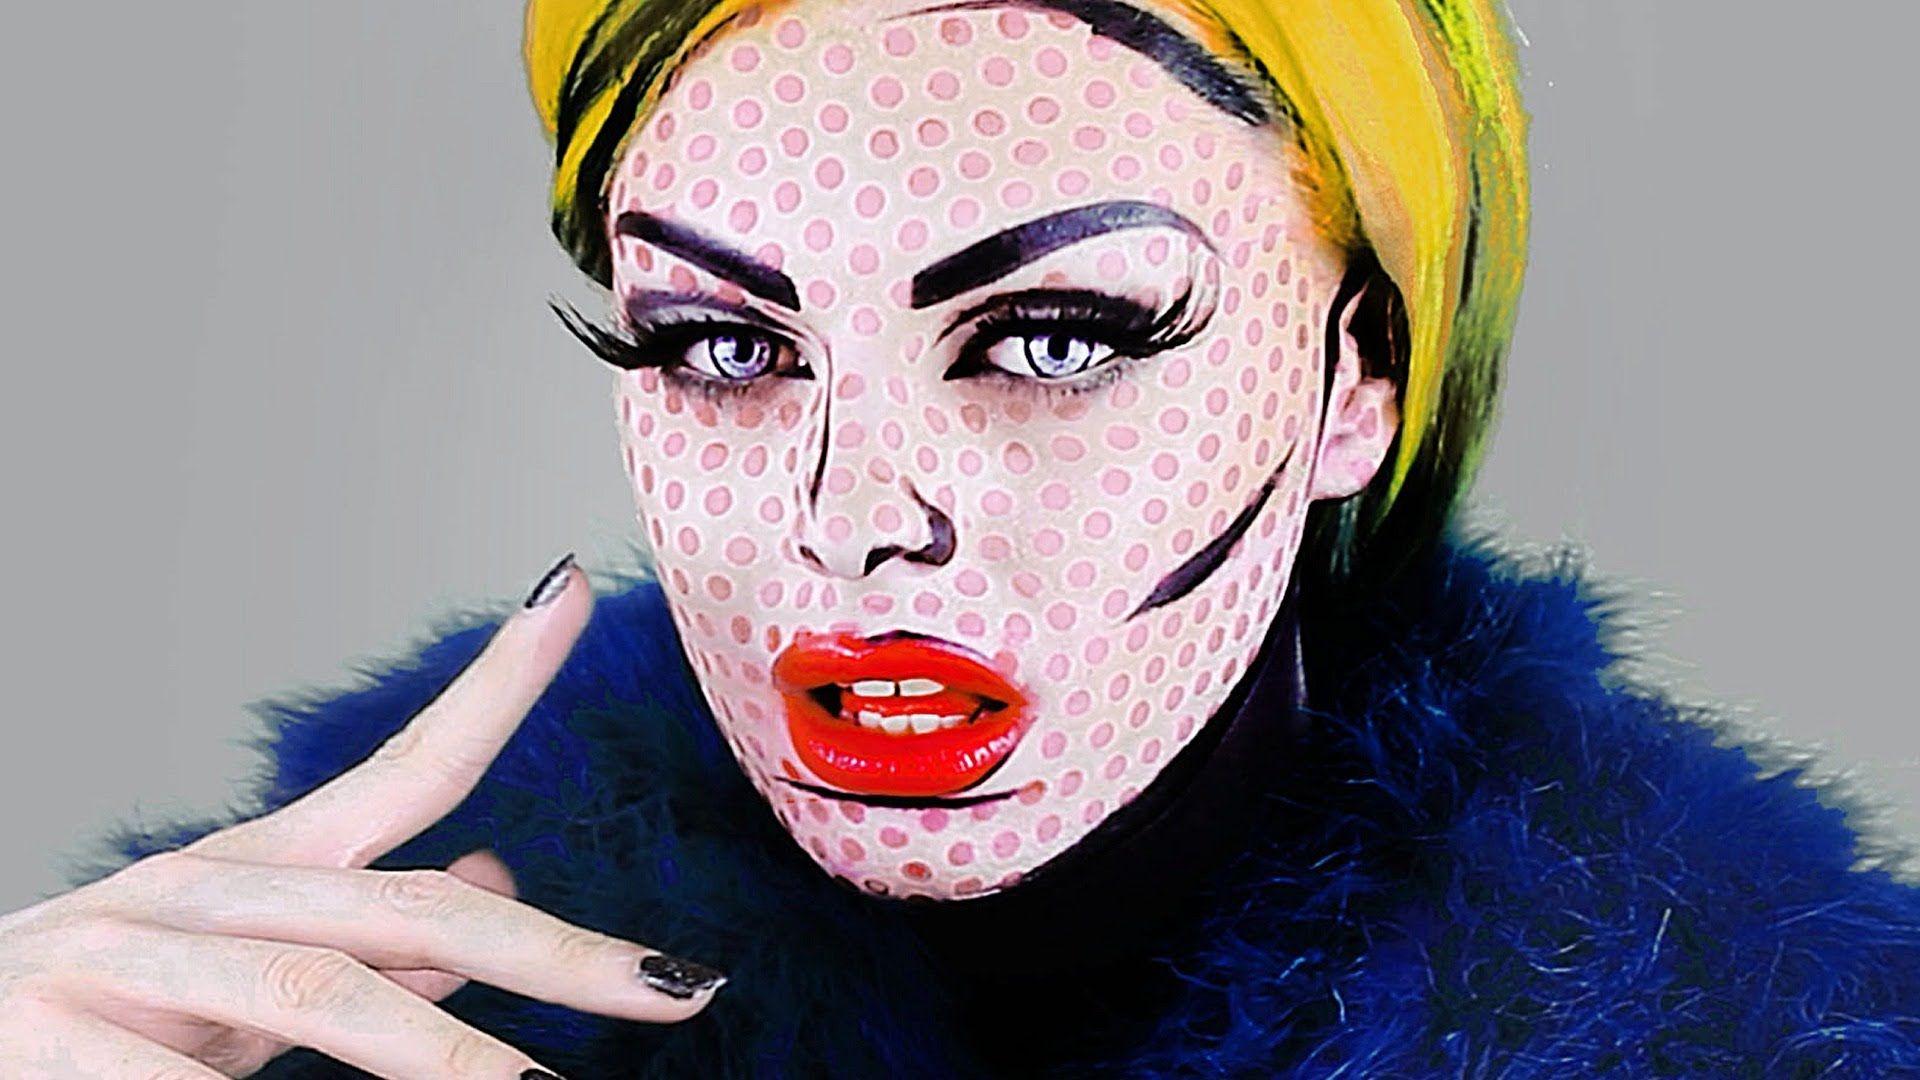 Pop Art Halloween Makeup Ideas   Roy lichtenstein, Pop art and ...